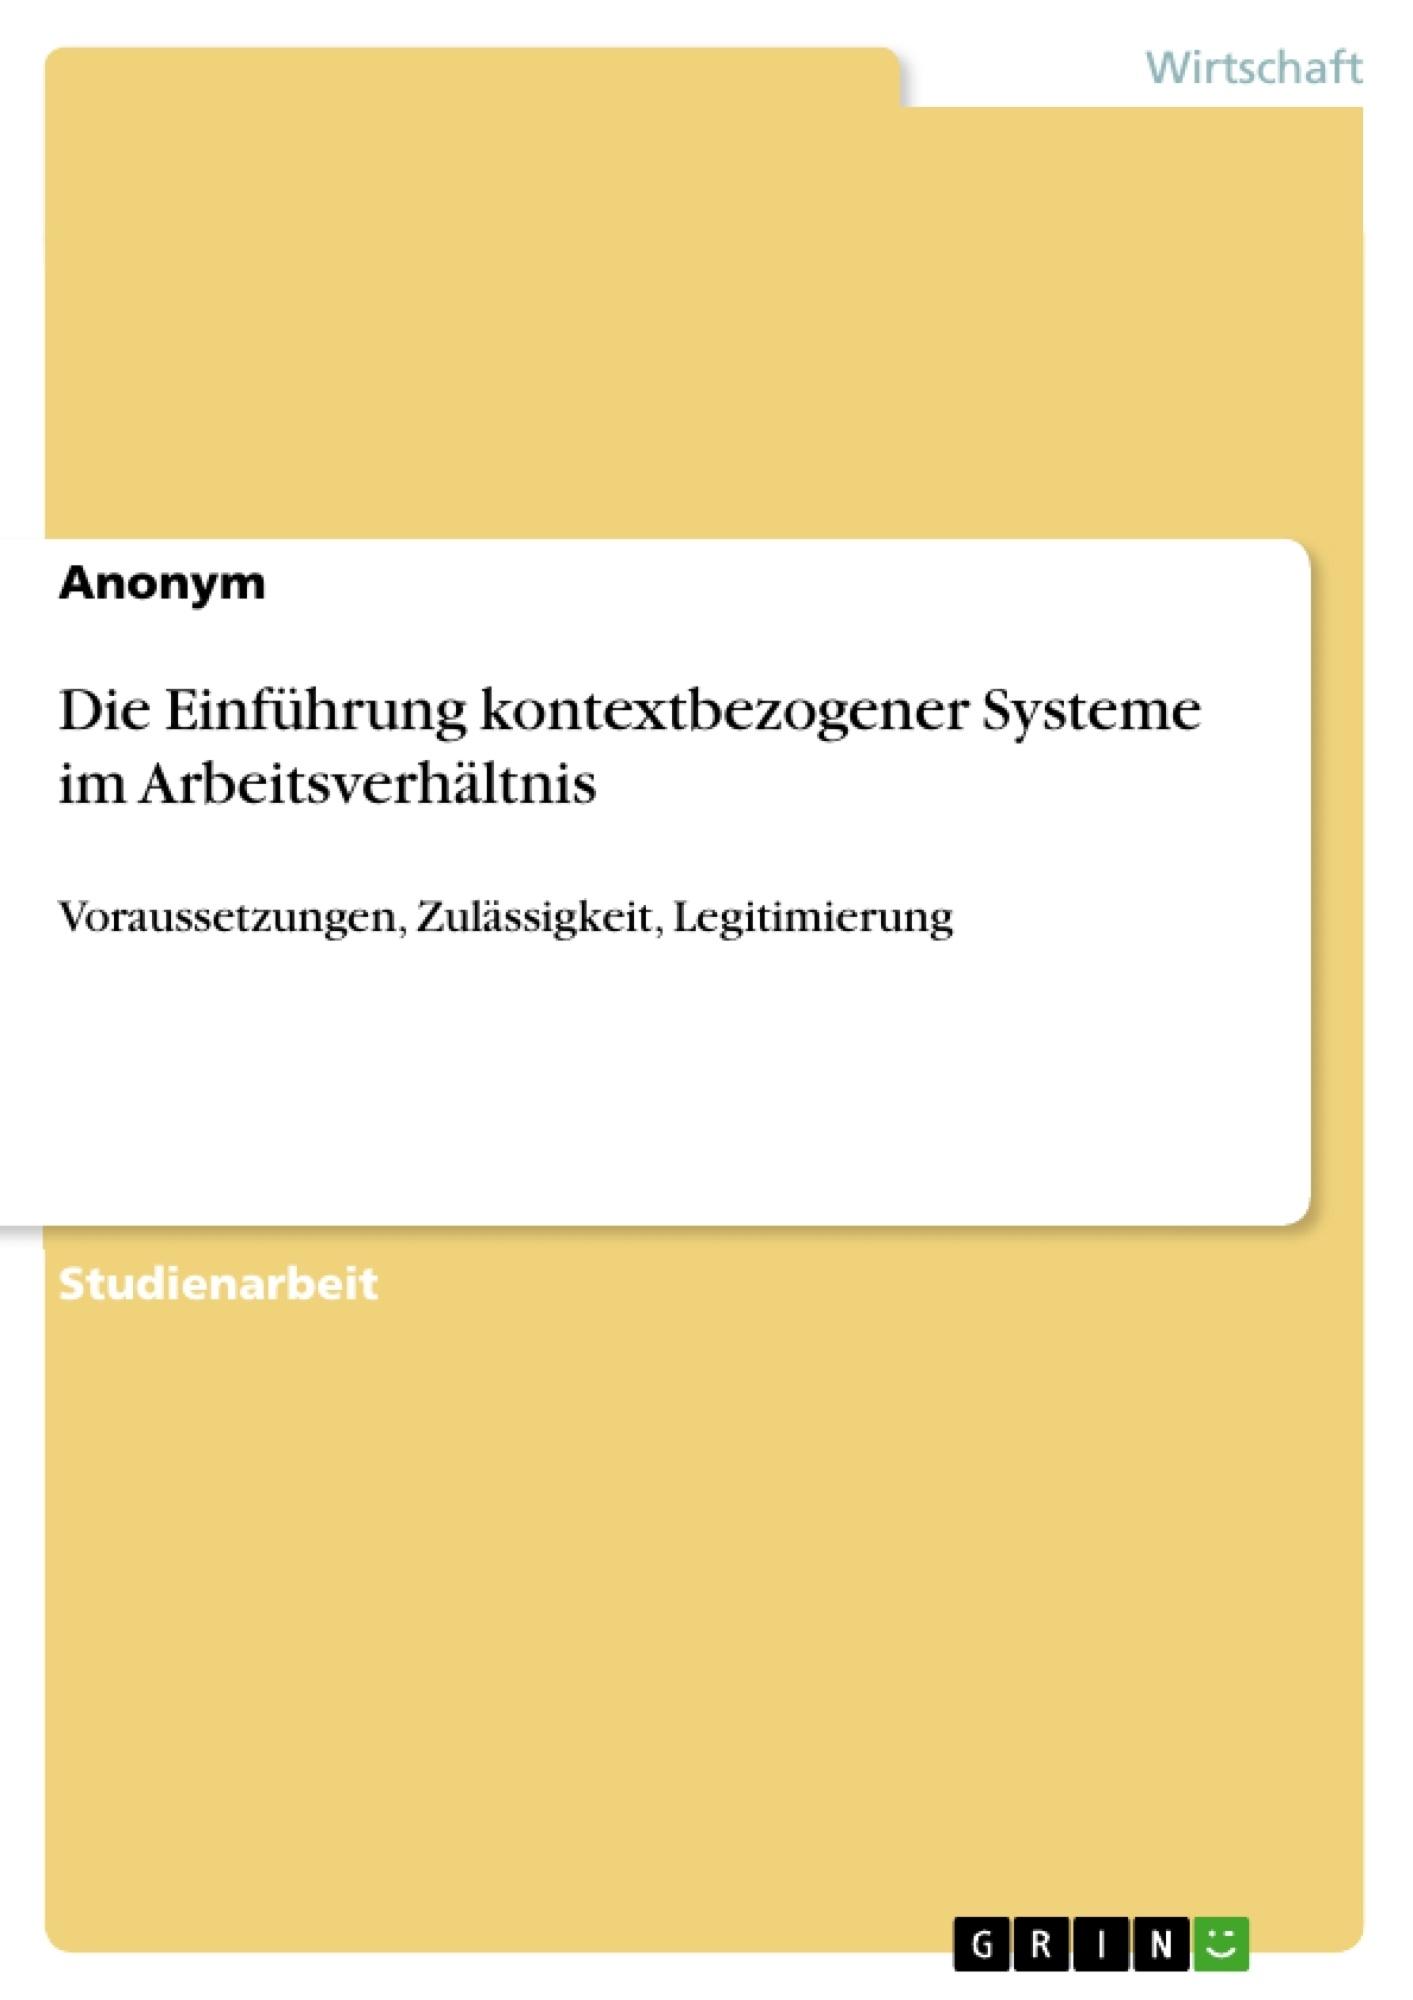 Titel: Die Einführung kontextbezogener Systeme im Arbeitsverhältnis